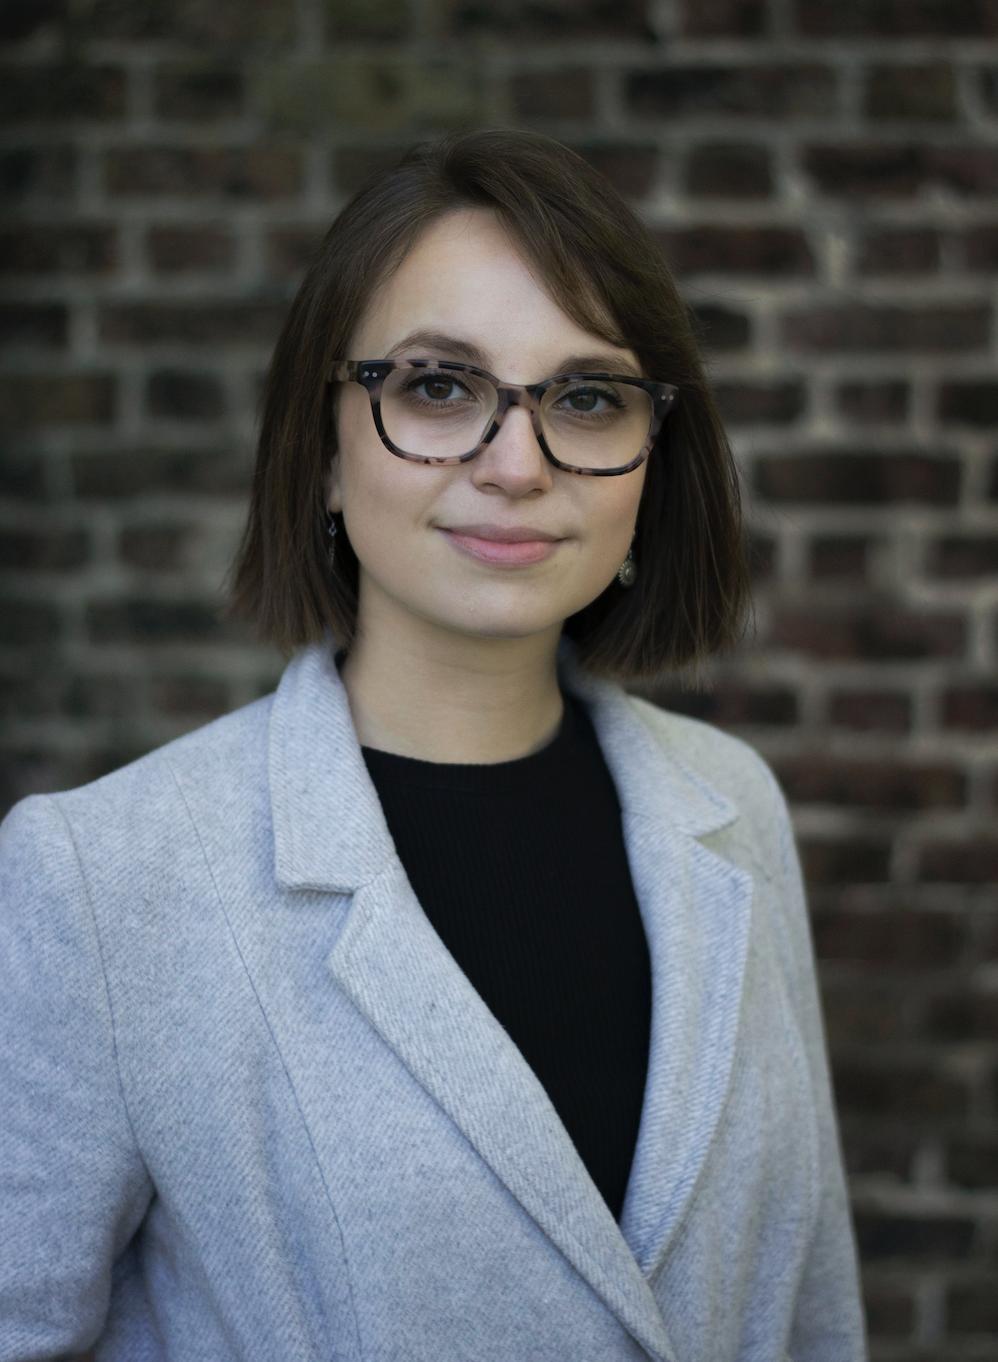 Olivia Munk